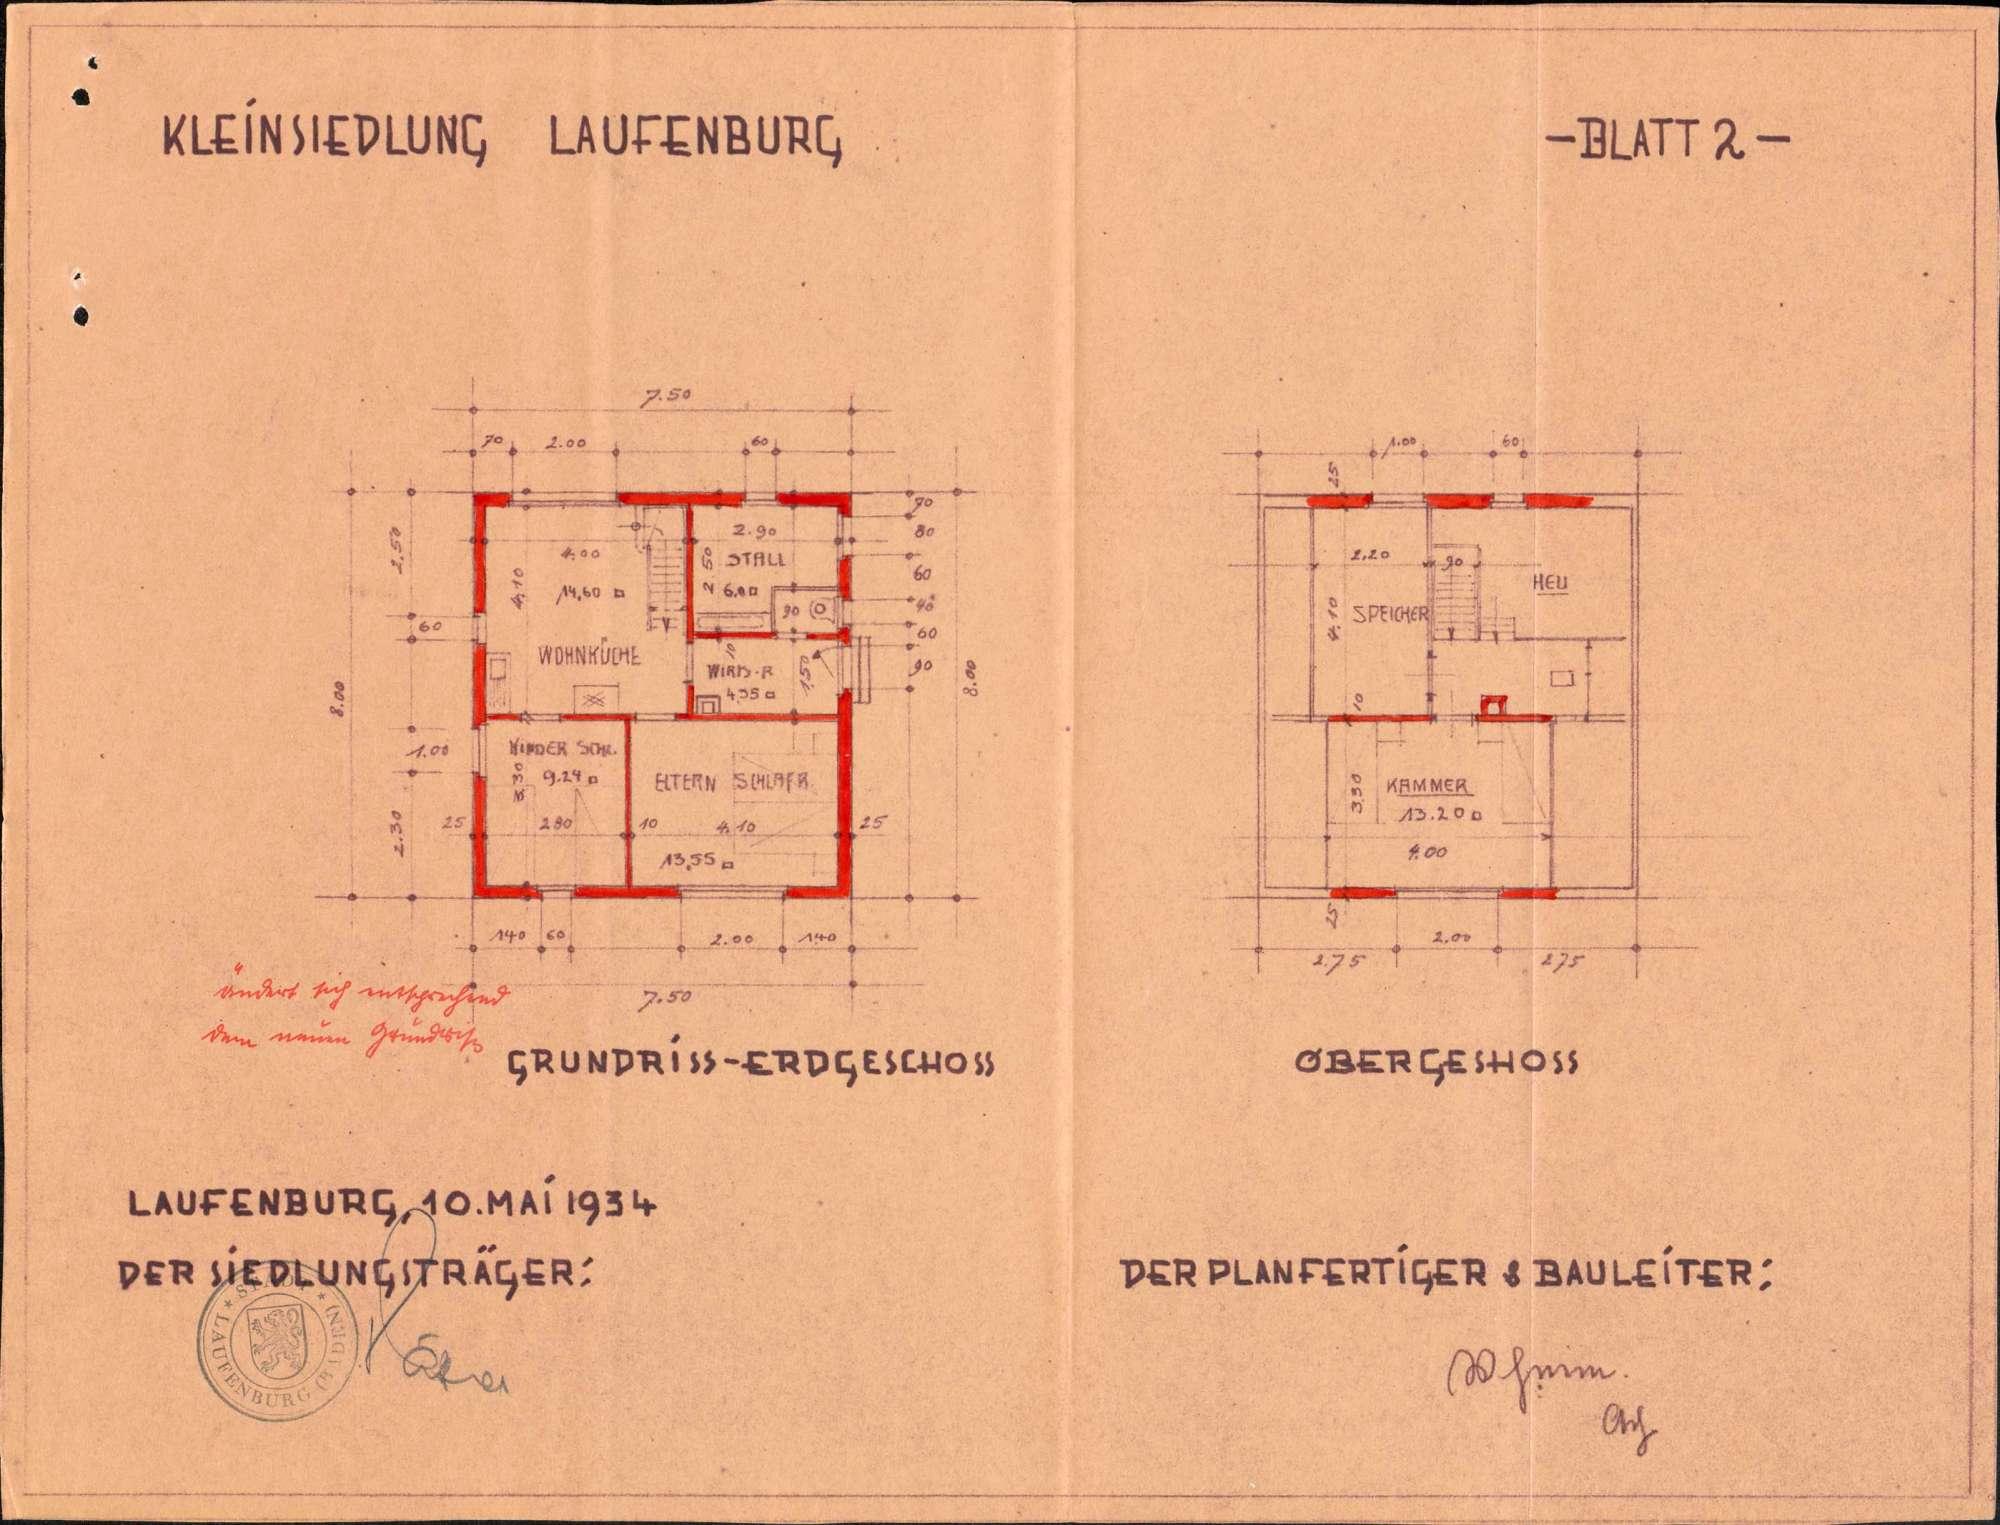 Errichtung einer vorstädtischen Kleinsiedlung durch die Stadt Laufenburg (Baden), Bild 3